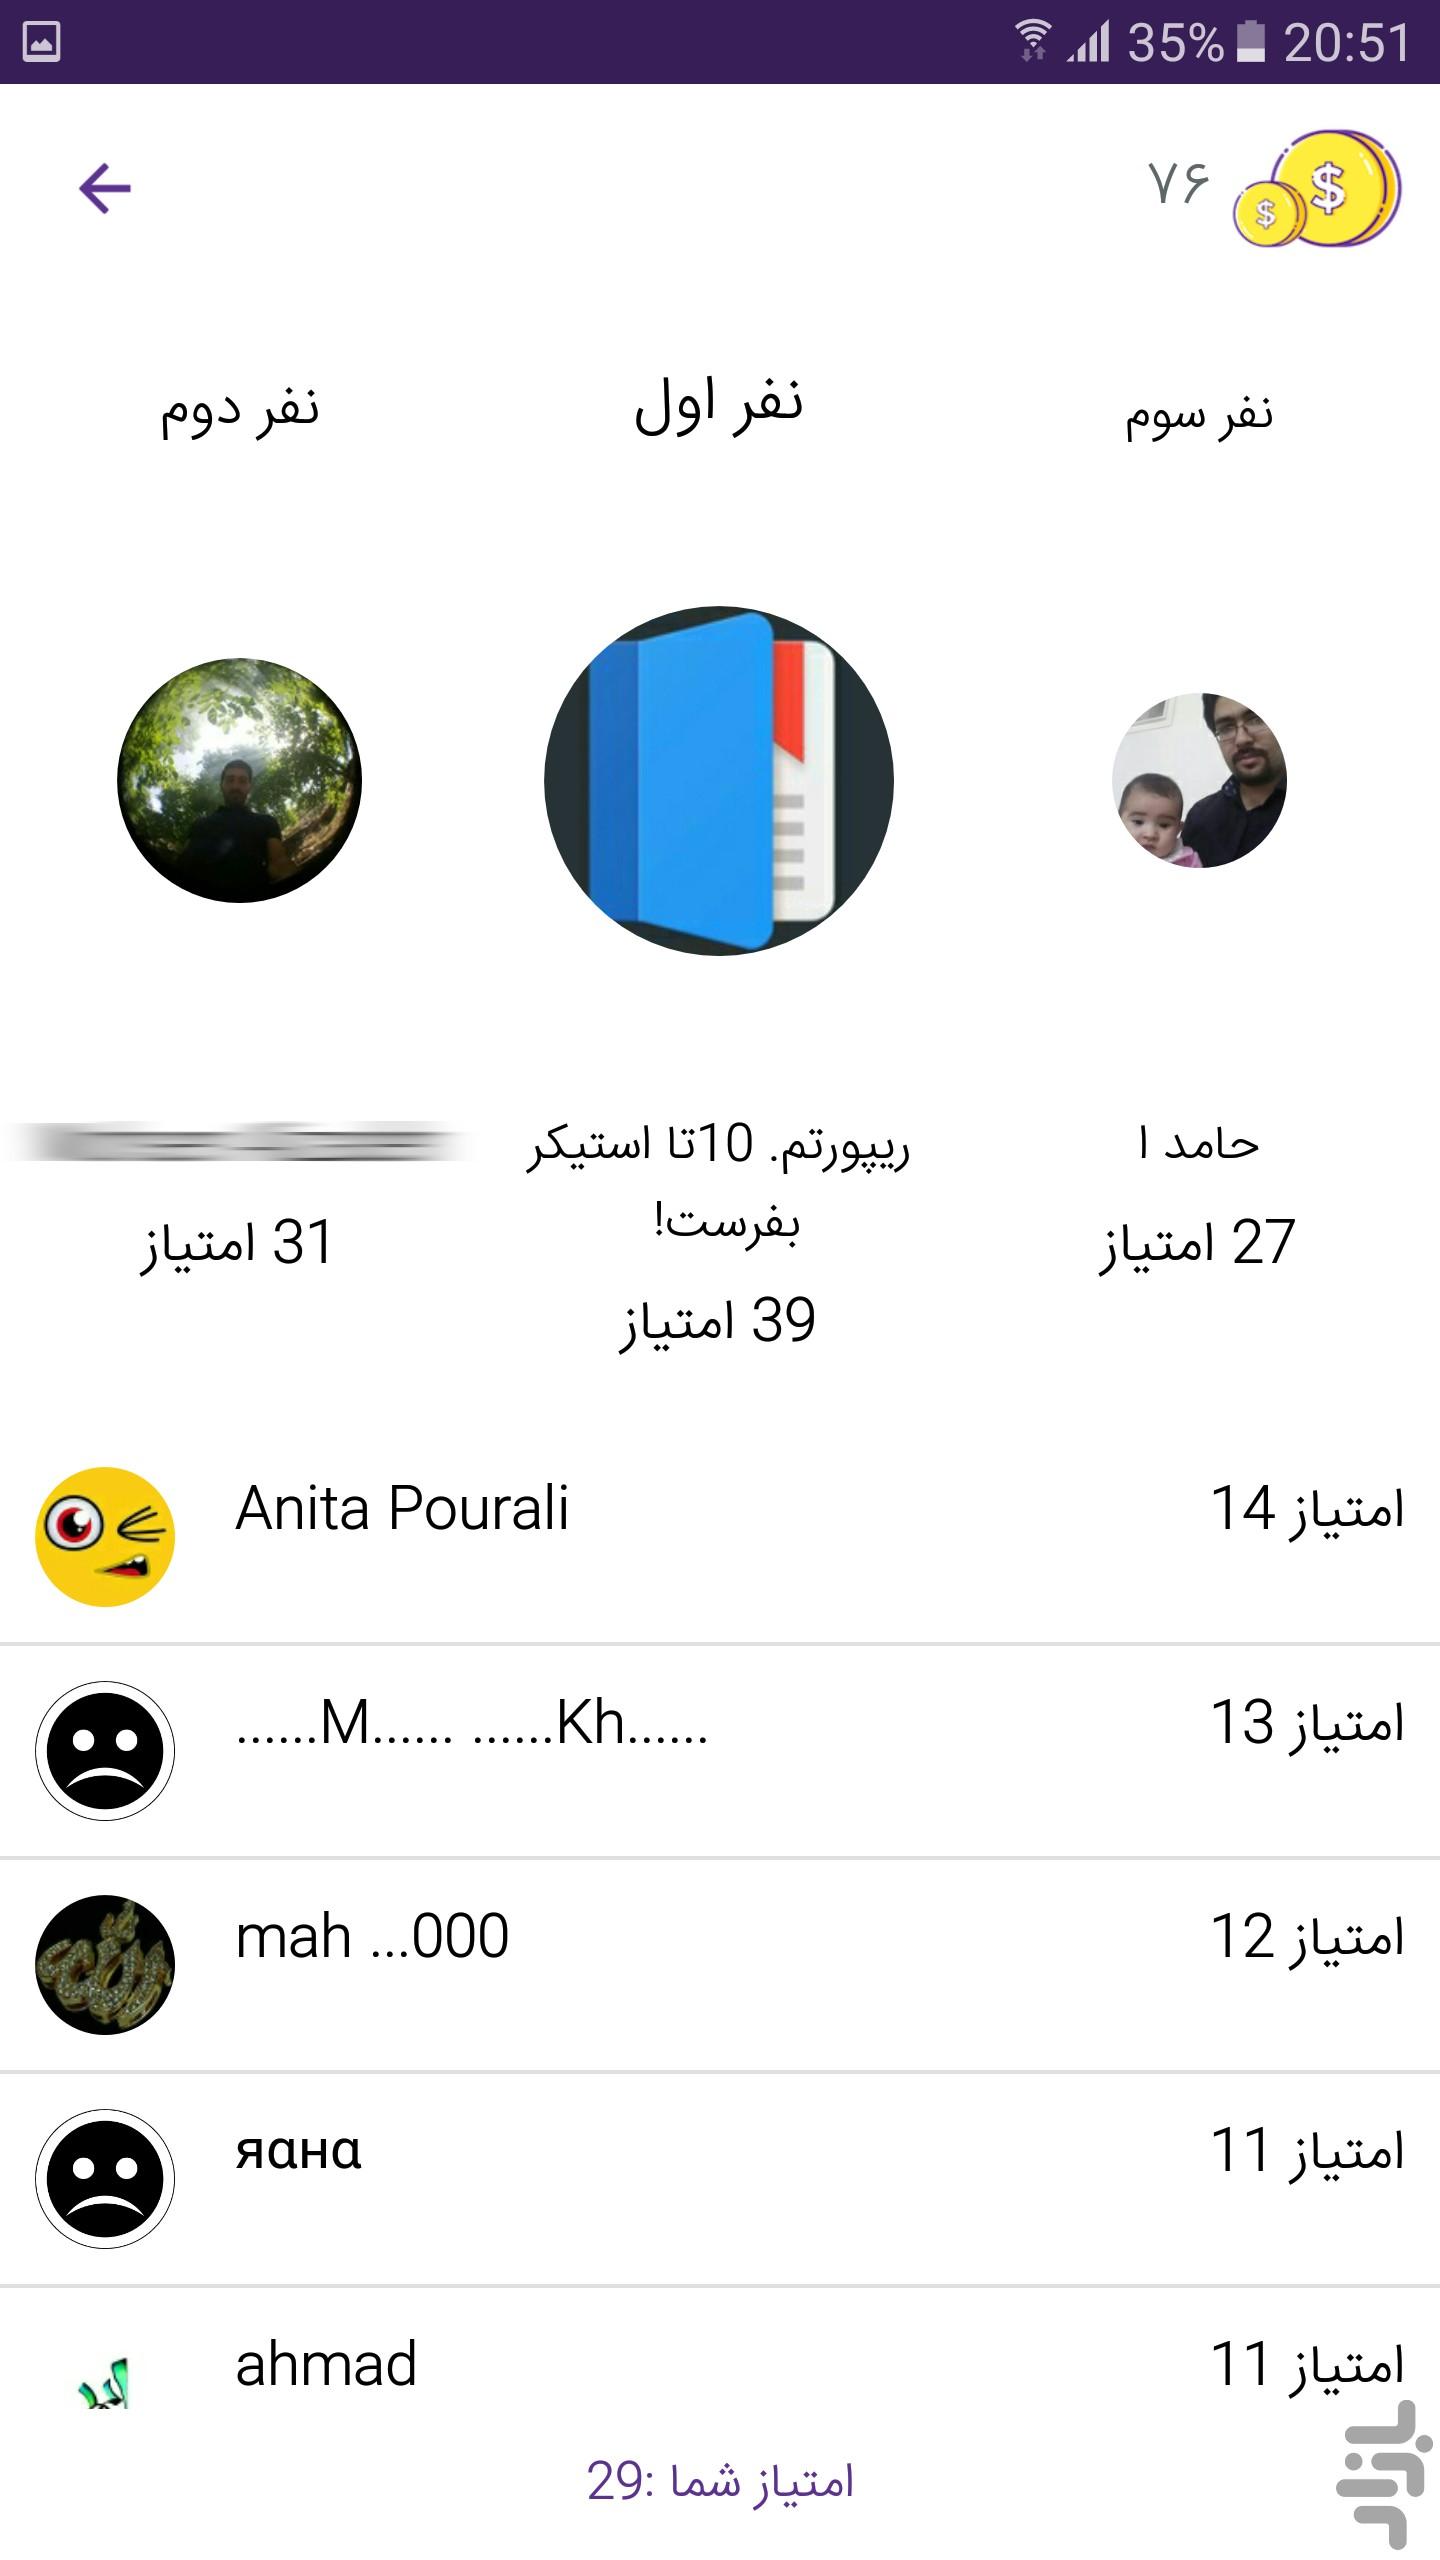 دانلود+برنامه+تلگرام+پلاس+رایگان